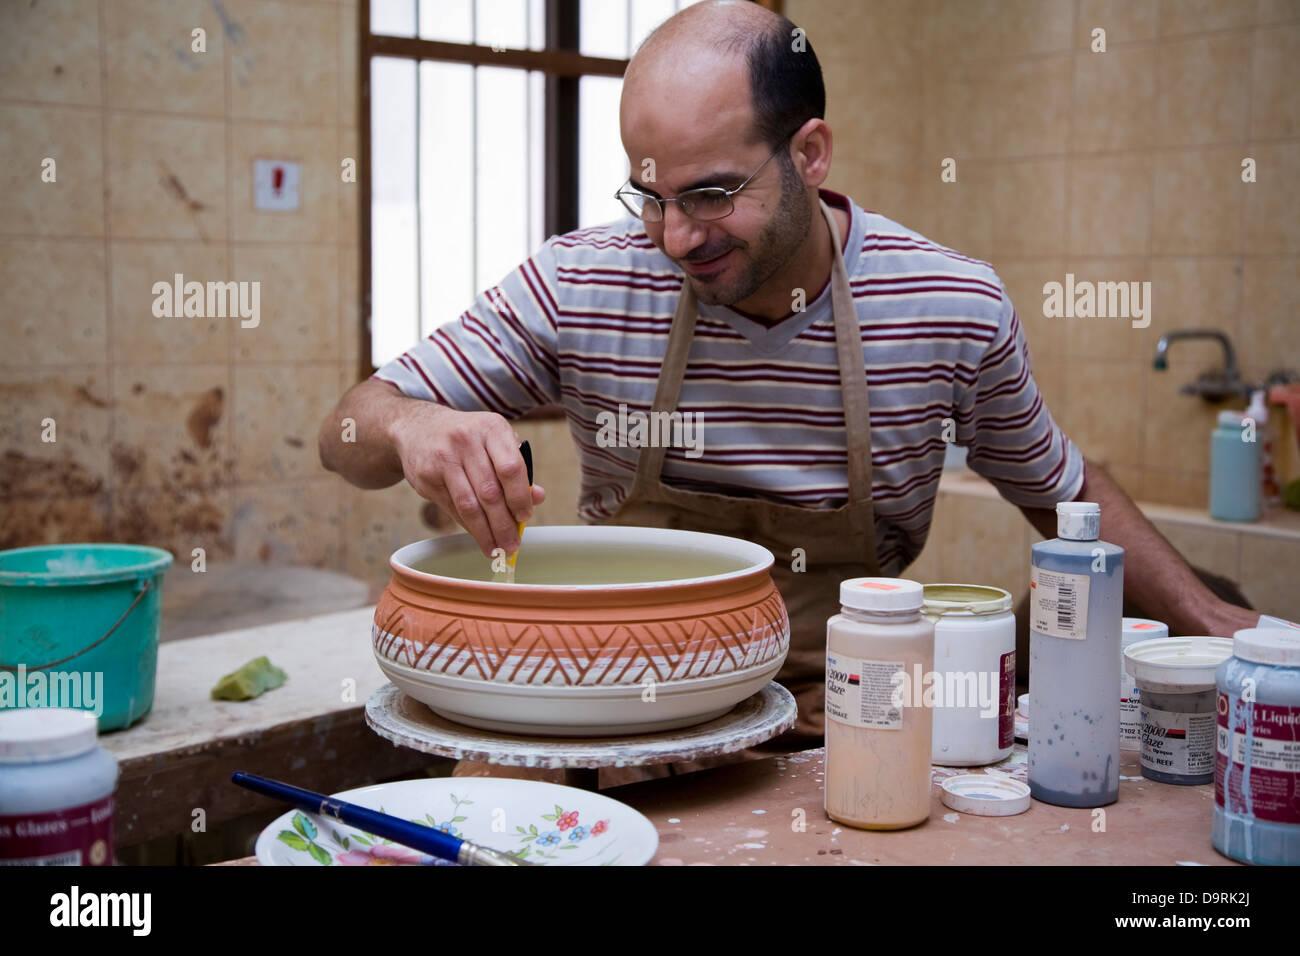 Potter en el gobierno a ejecutar Al-Jasara Centro de Artesanías, Manama, Bahrein Imagen De Stock